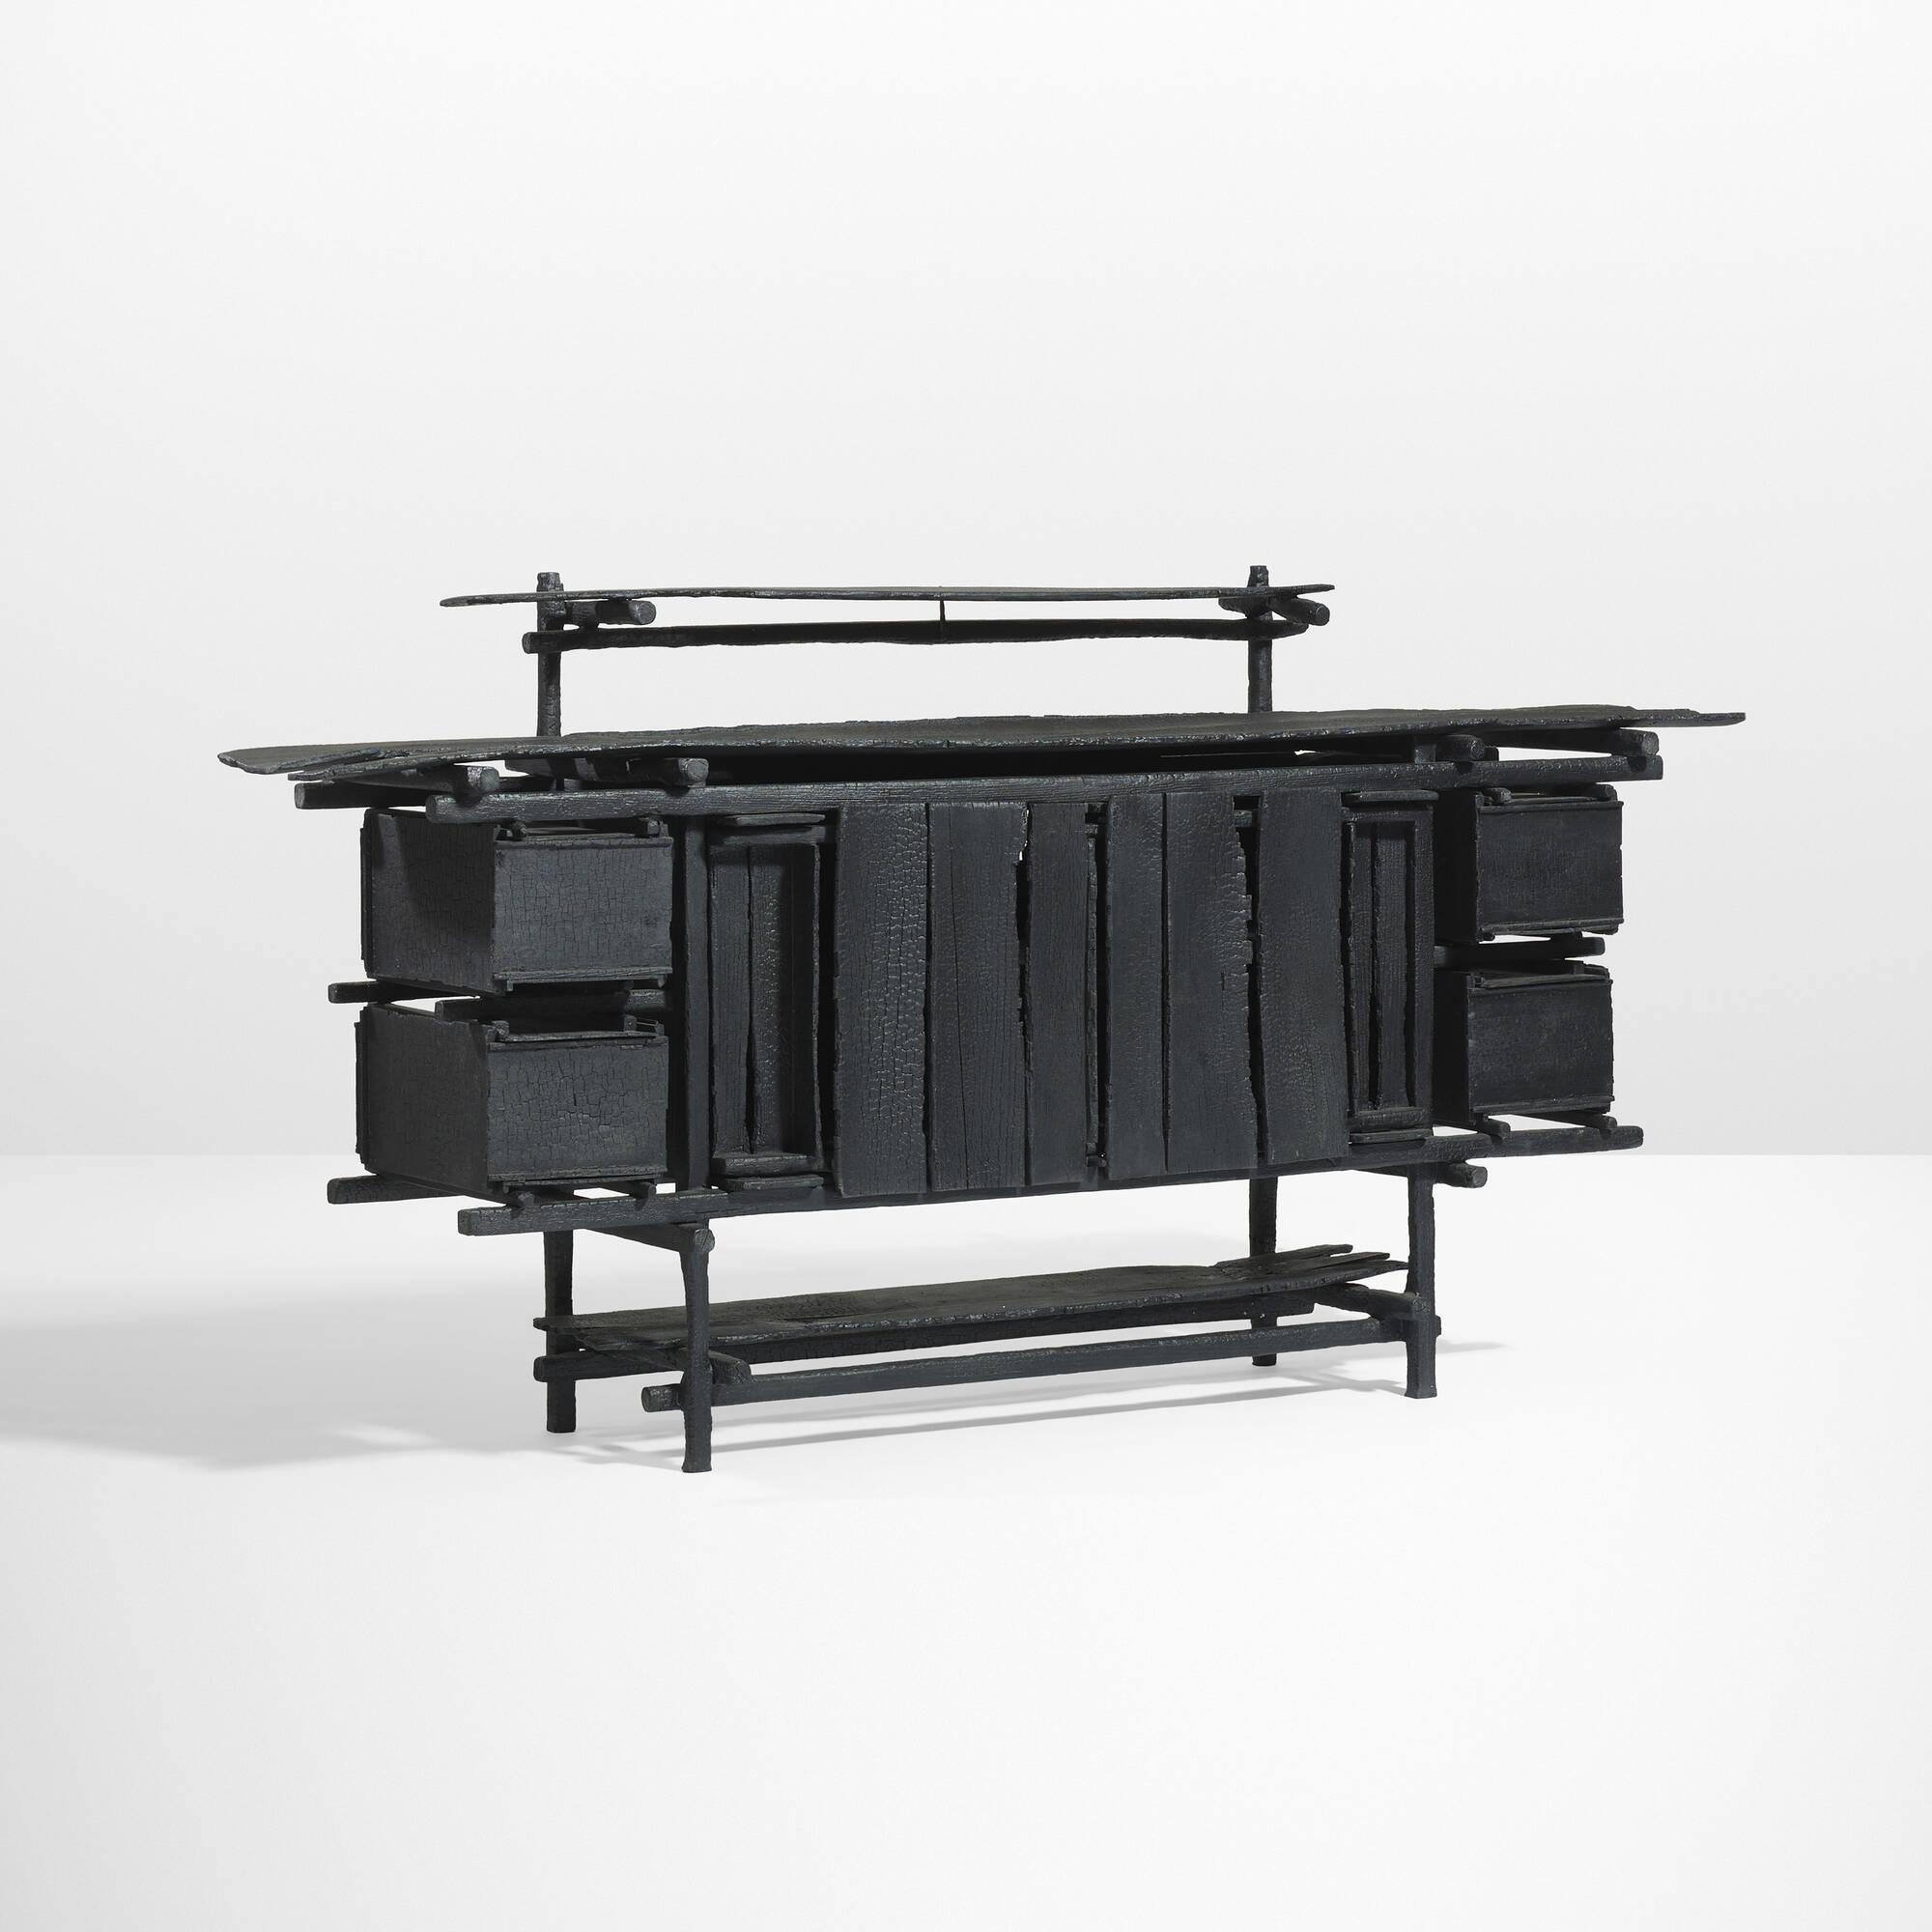 Gerrit rietveld furniture -  19 Maarten Baas Gerrit Rietveld Elling Cabinet From The Smoke Series 2 Of